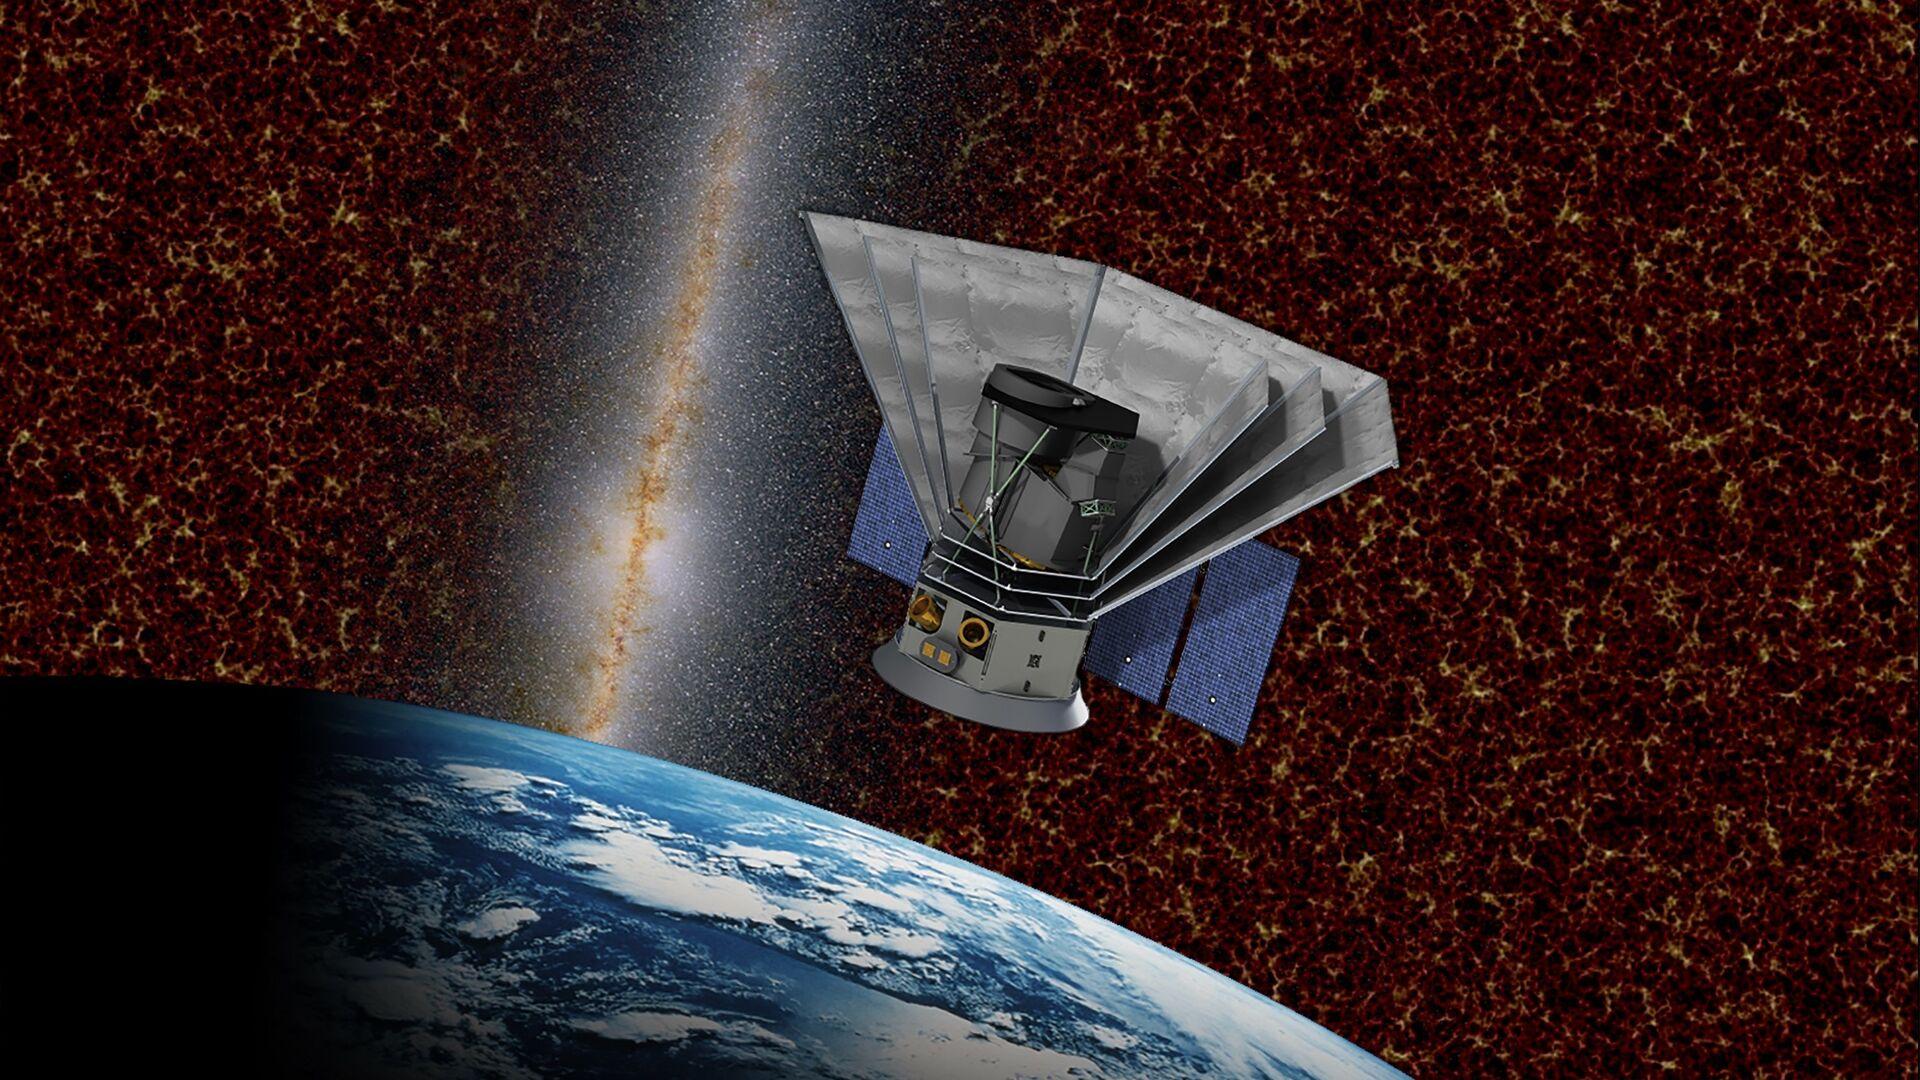 НАСА заключило контракт со SpaceX на запуск телескопа SPHEREx